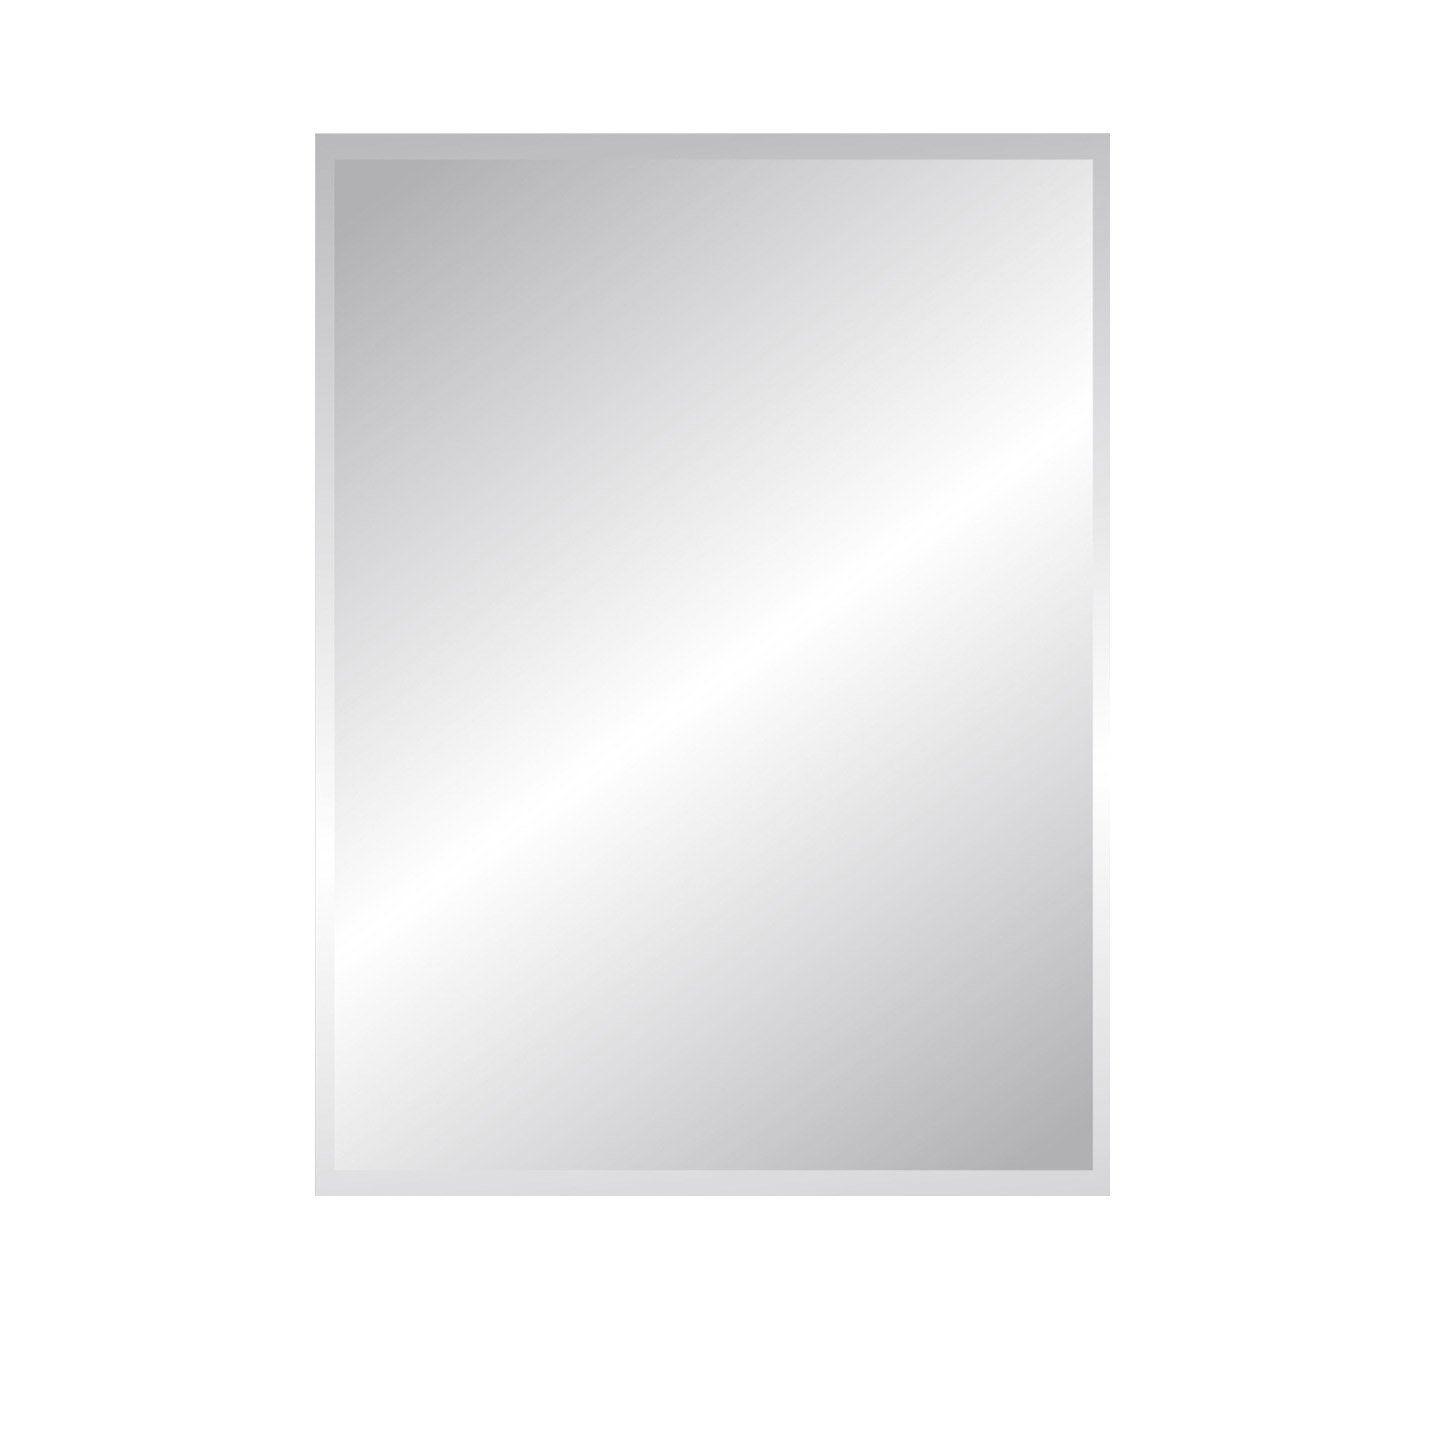 Miroir Non Lumineux Decoupe Rectangulaire L 60 X L 80 5 Cm Biseaute Leroy Merlin Miroir Miroir Biseaute Miroir De Salle De Bain